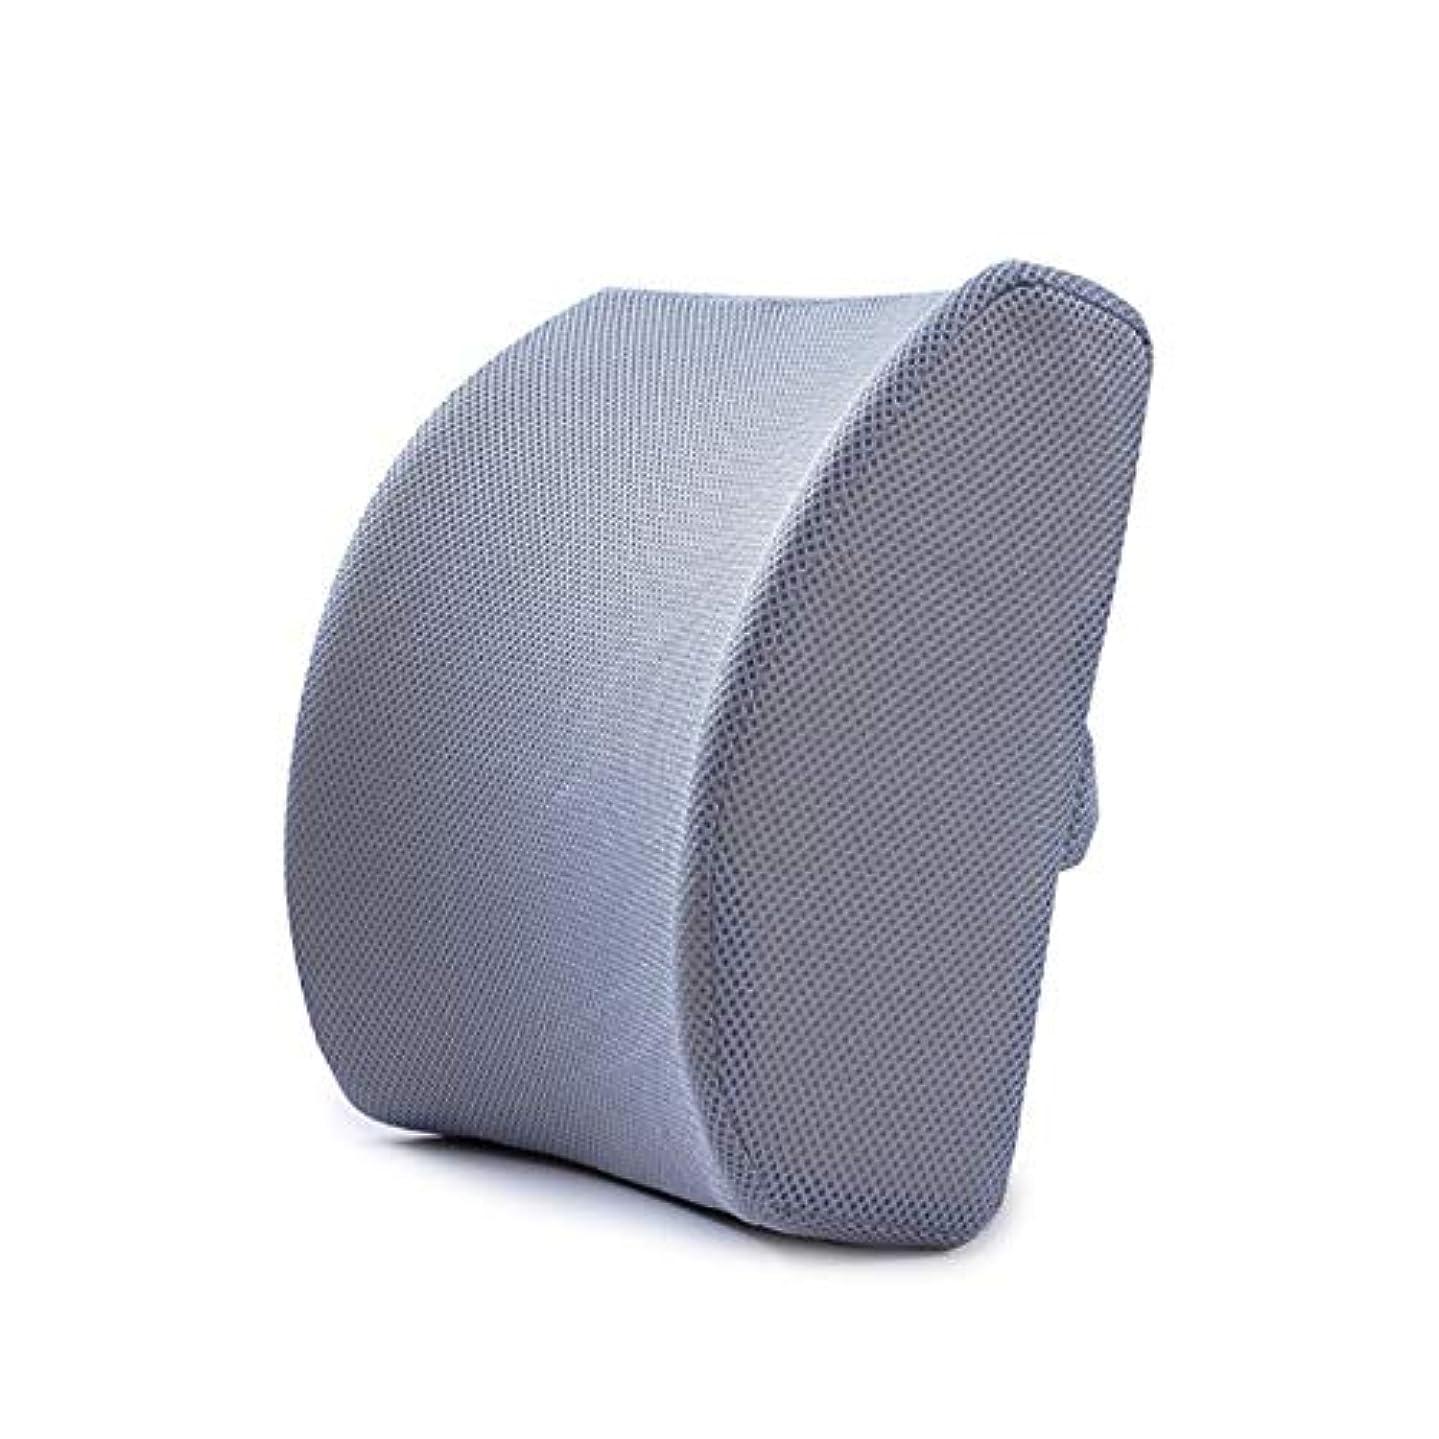 書道こどもの日きょうだいLIFE ホームオフィス背もたれ椅子腰椎クッションカーシートネック枕 3D 低反発サポートバックマッサージウエストレスリビング枕 クッション 椅子